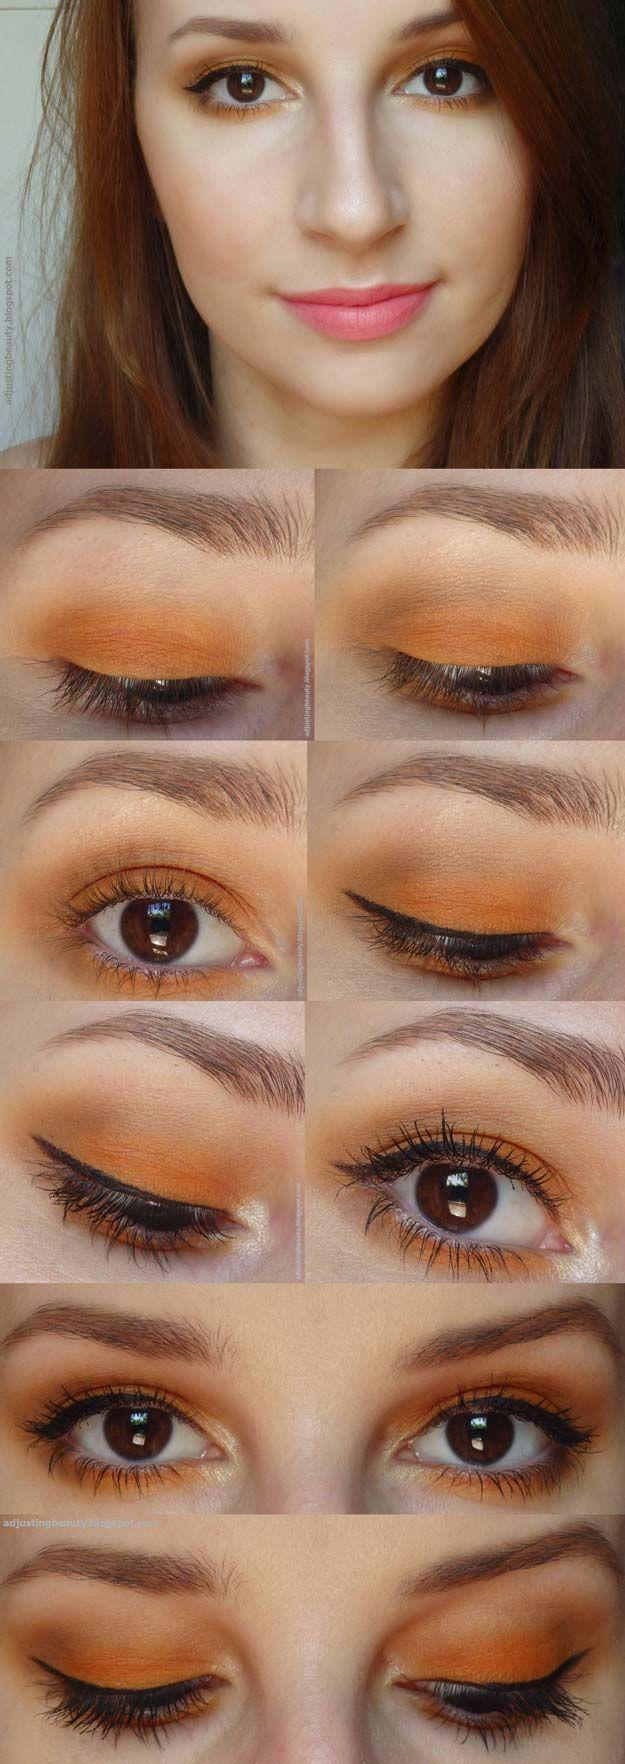 Best Eyeshadow Tutorials - Orange Eye Makeup - Easy Step by Step How To For Eye ...